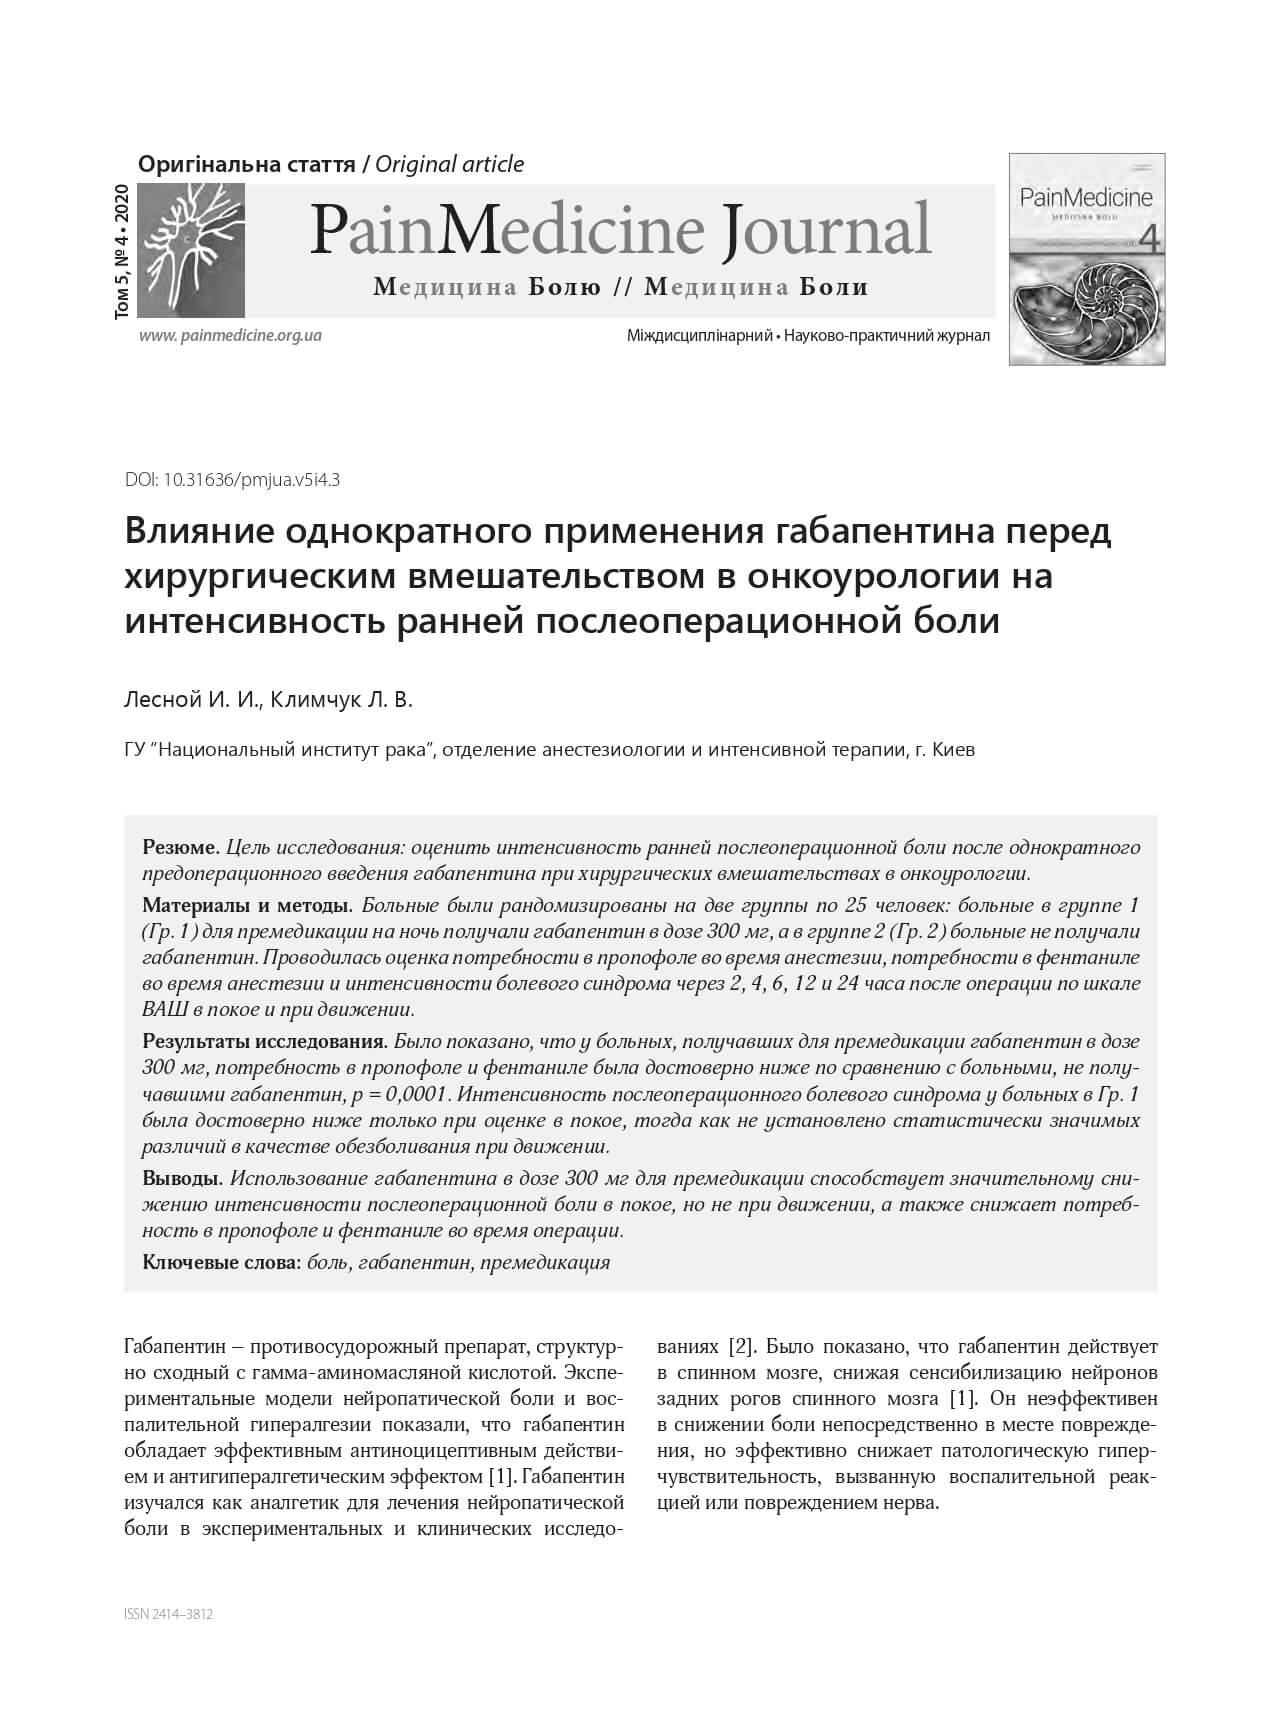 Влияние однократного применения габапентина перед хирургическим вмешательством в онкоурологии на интенсивность ранней послеоперационной боли